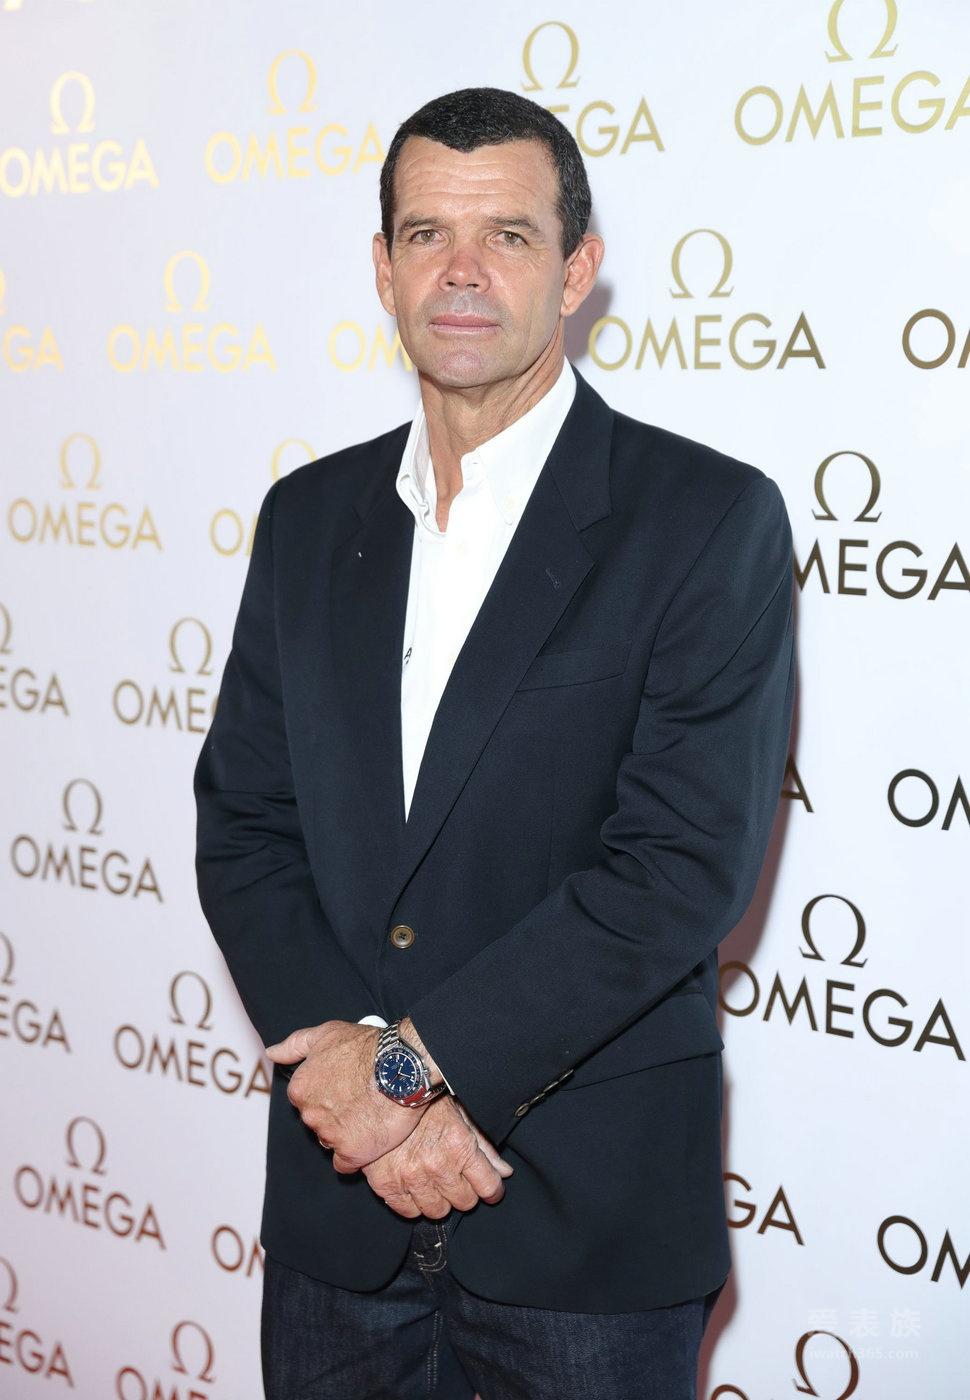 埃迪•雷德梅尼于里约出席欧米茄之家盛大开幕活动